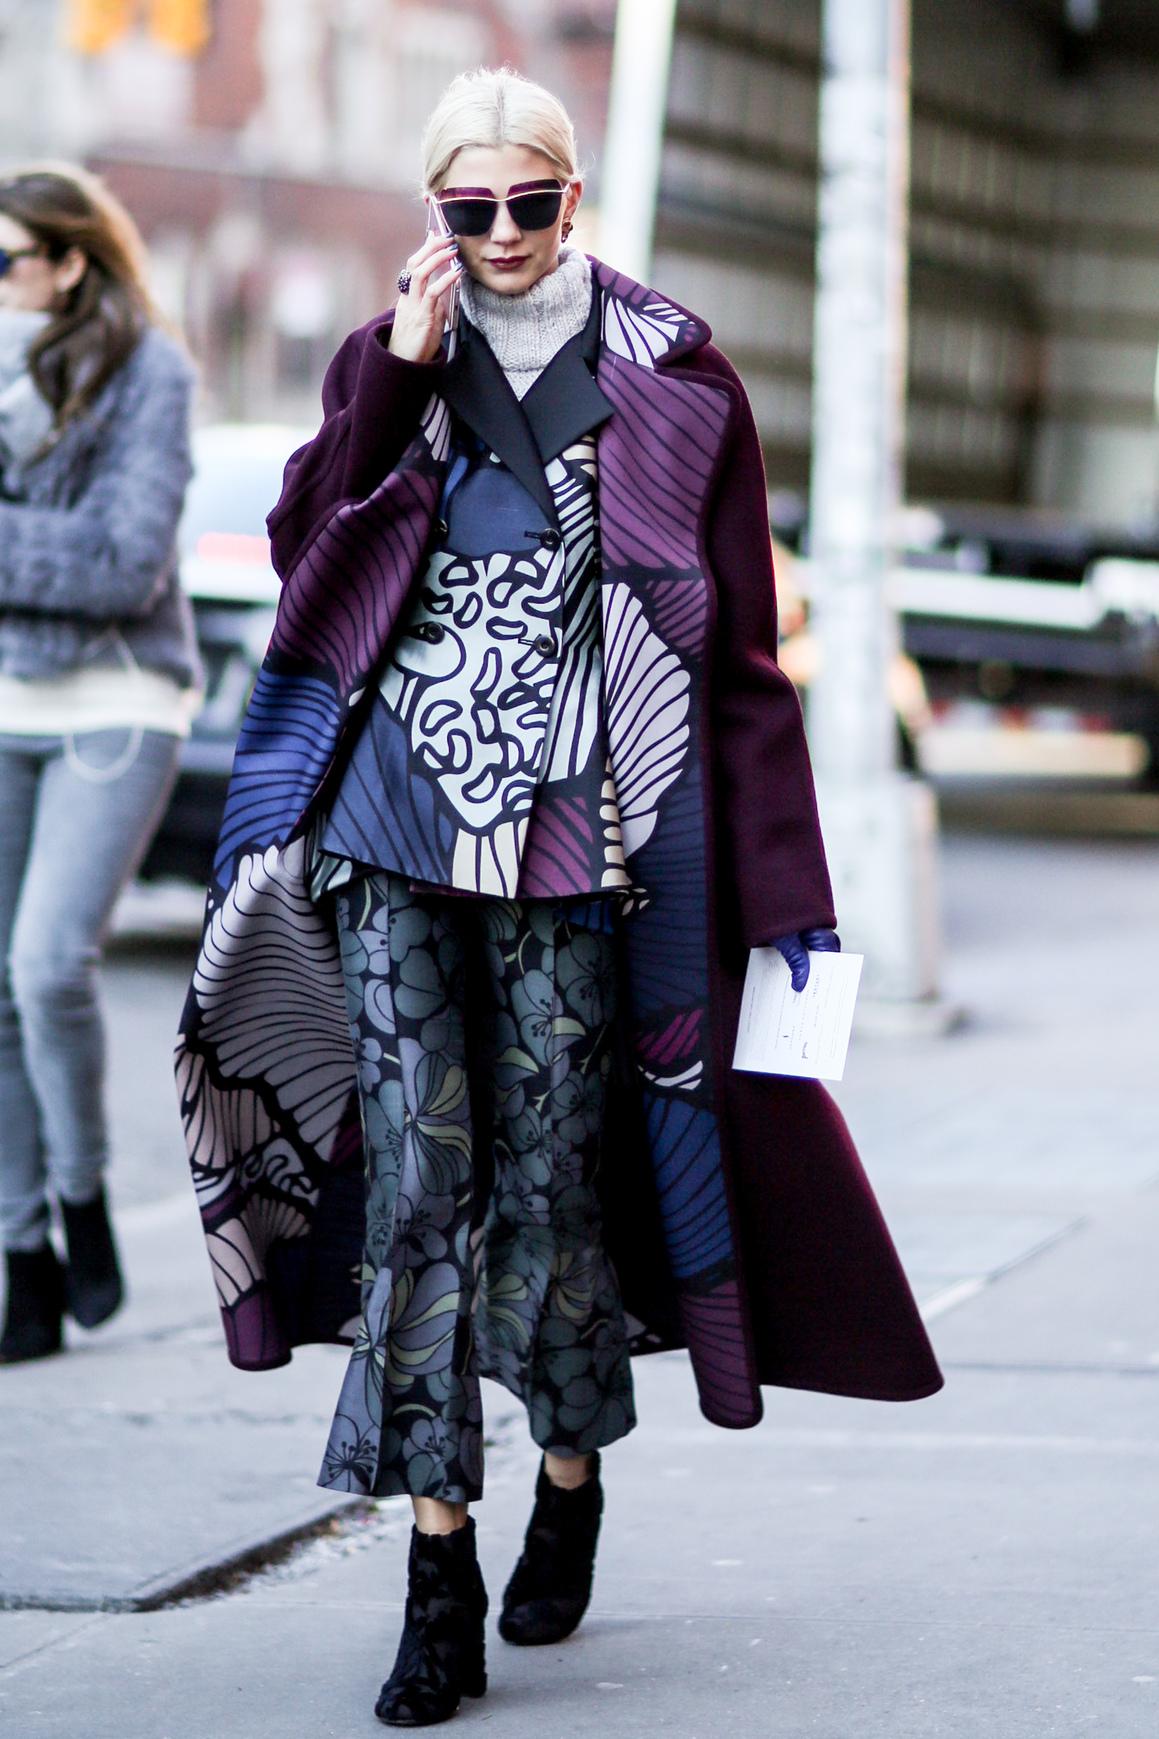 Kolorowa stylizacja z wzorzystymi spodniami